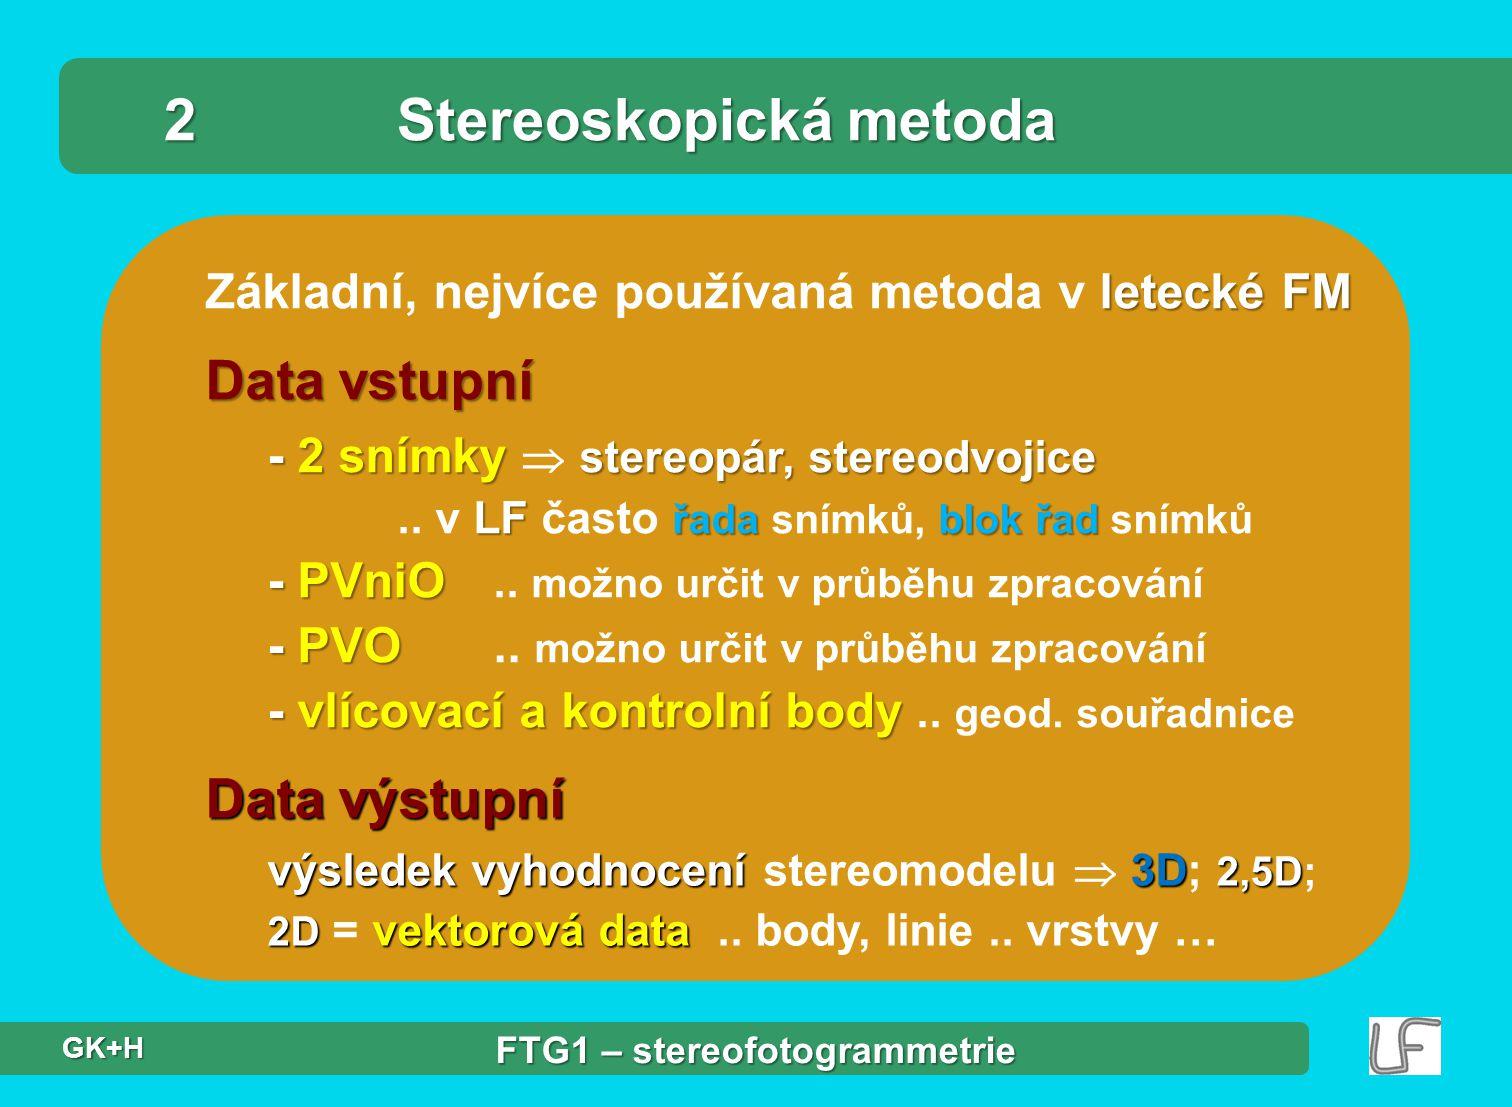 letecké FM Základní, nejvíce používaná metoda v letecké FM 2Stereoskopická metoda Data vstupní - 2 snímky stereopár, stereodvojice LF řadablok řad - P